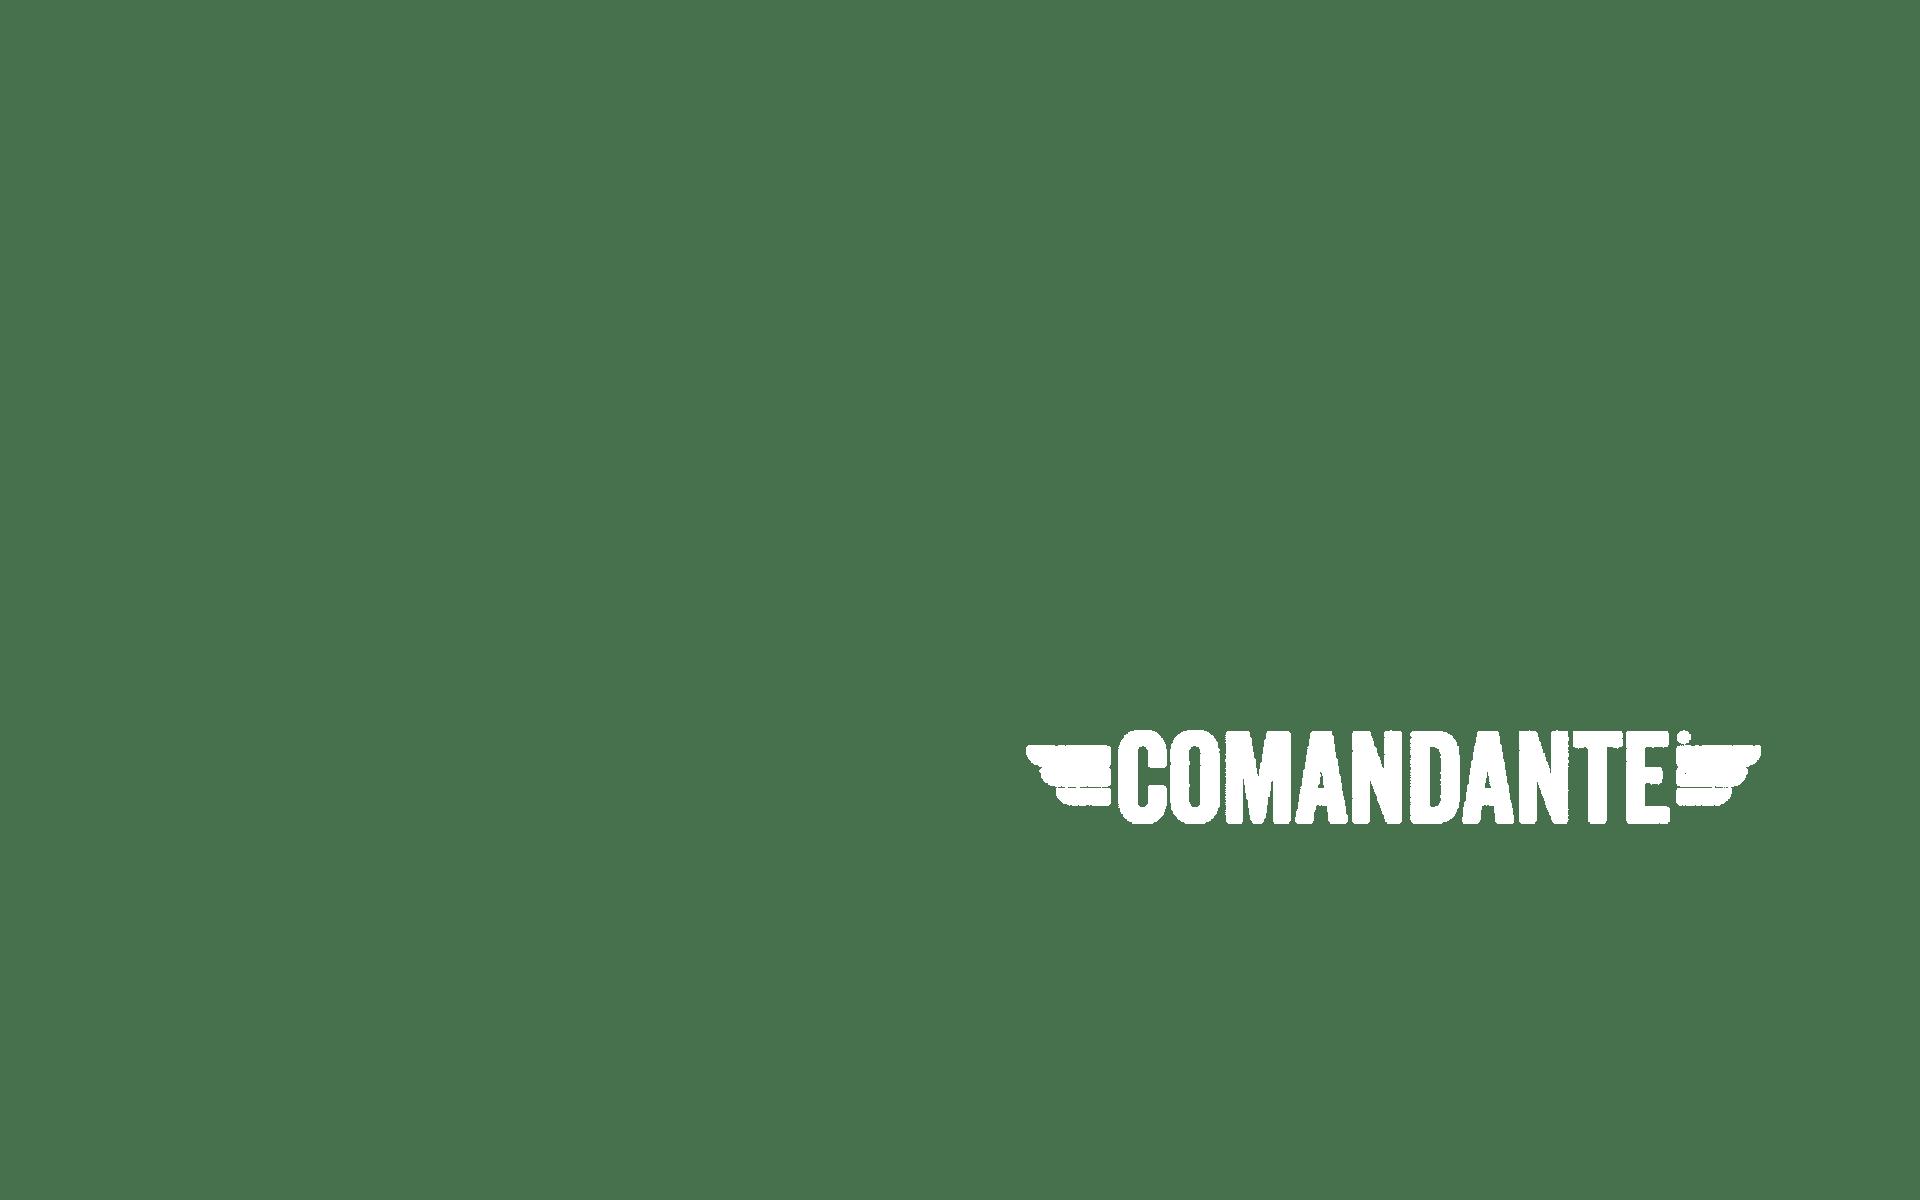 Comandante Molinos Para Cafés de Especialidad - Slider Titulo1